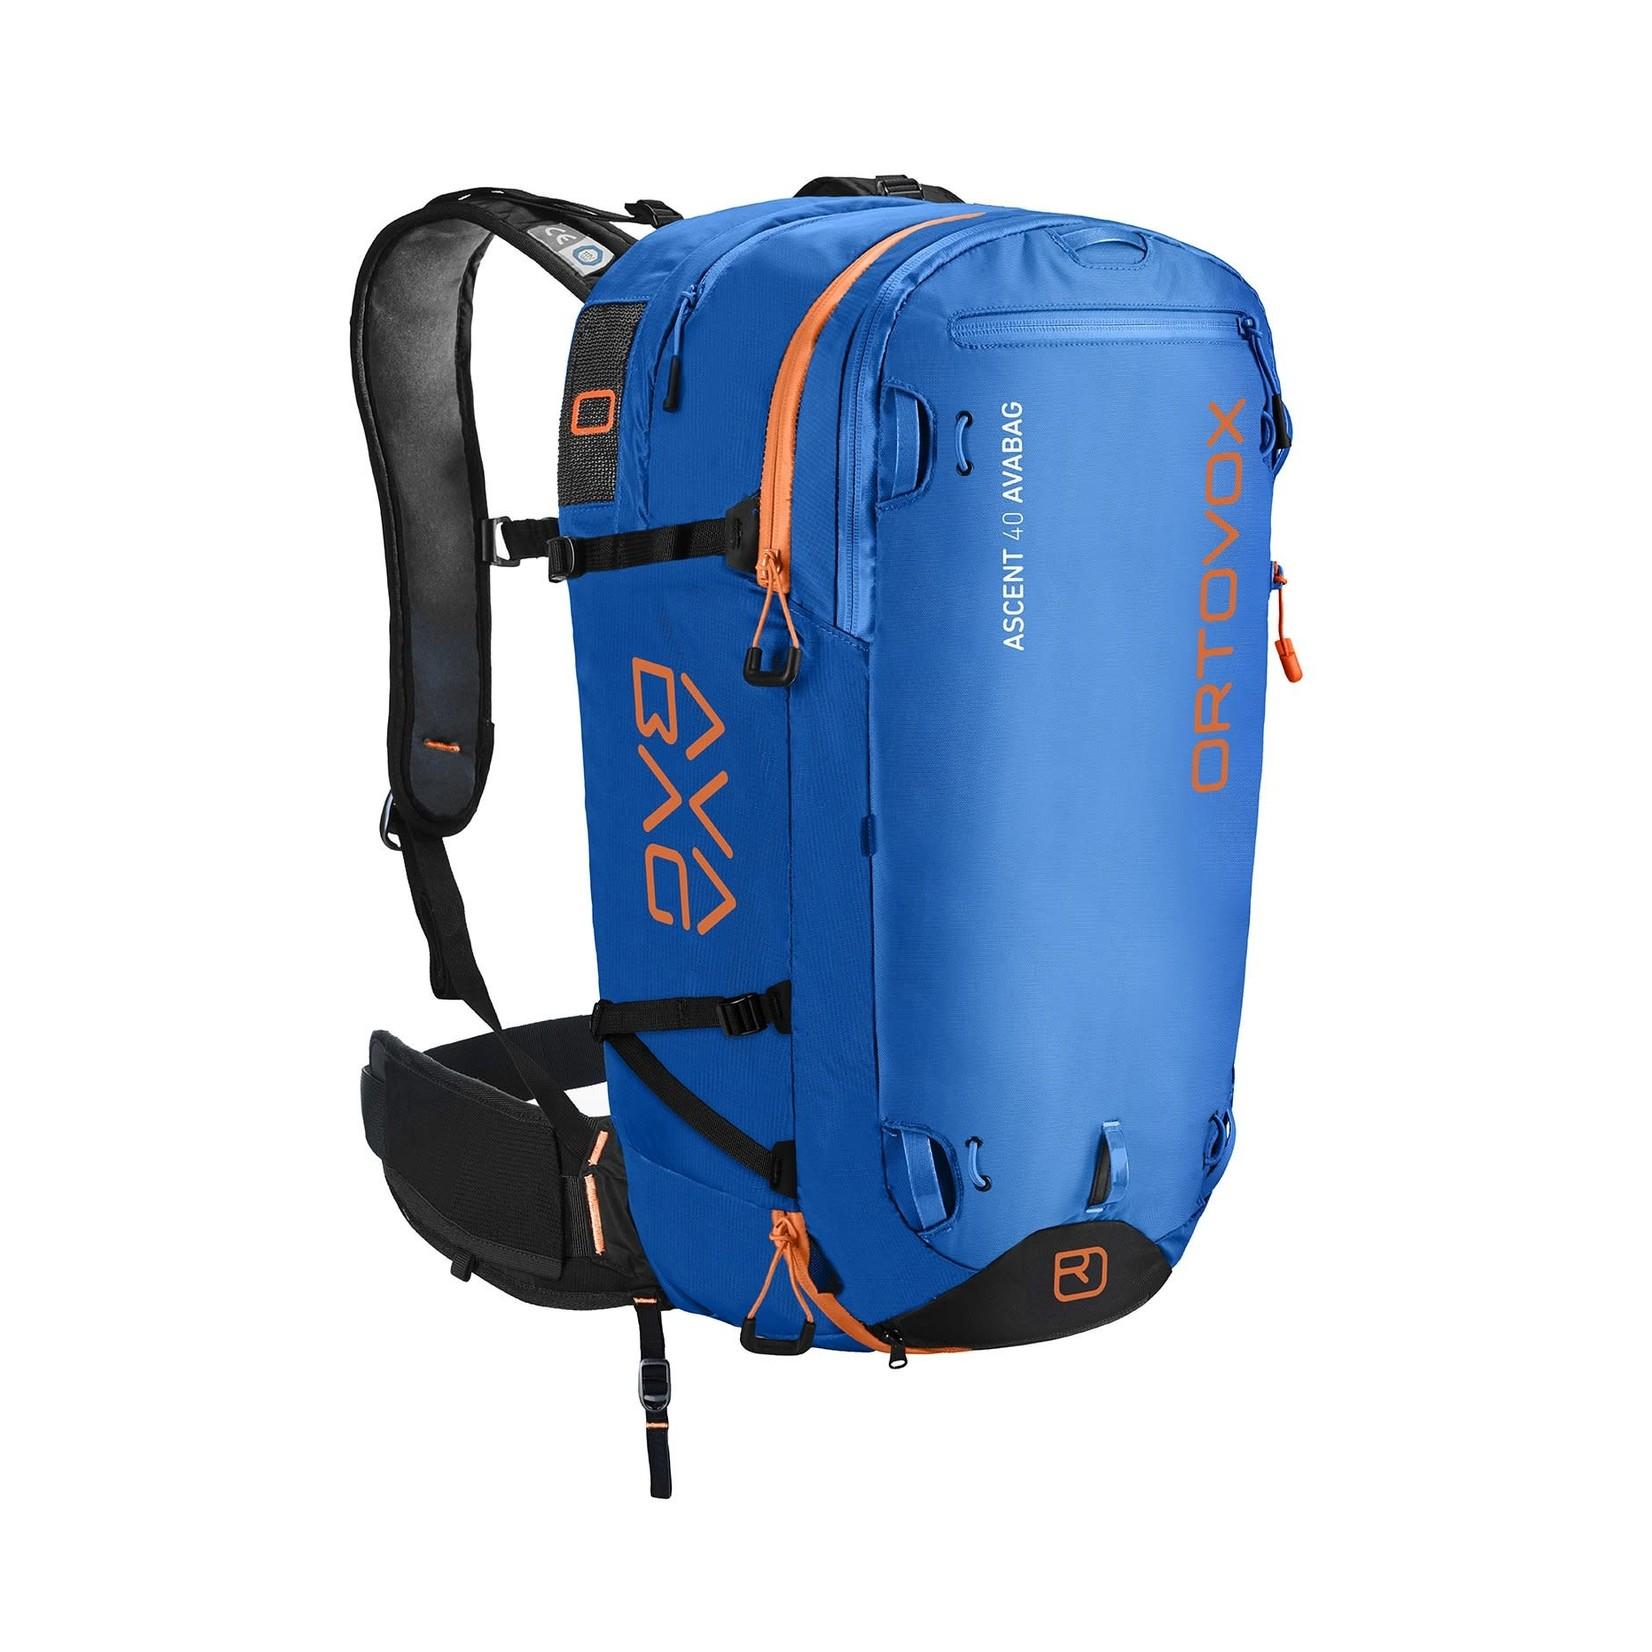 Ortovox Sac gonflable Ortovox Ascent 40 Avabag - Unisexe